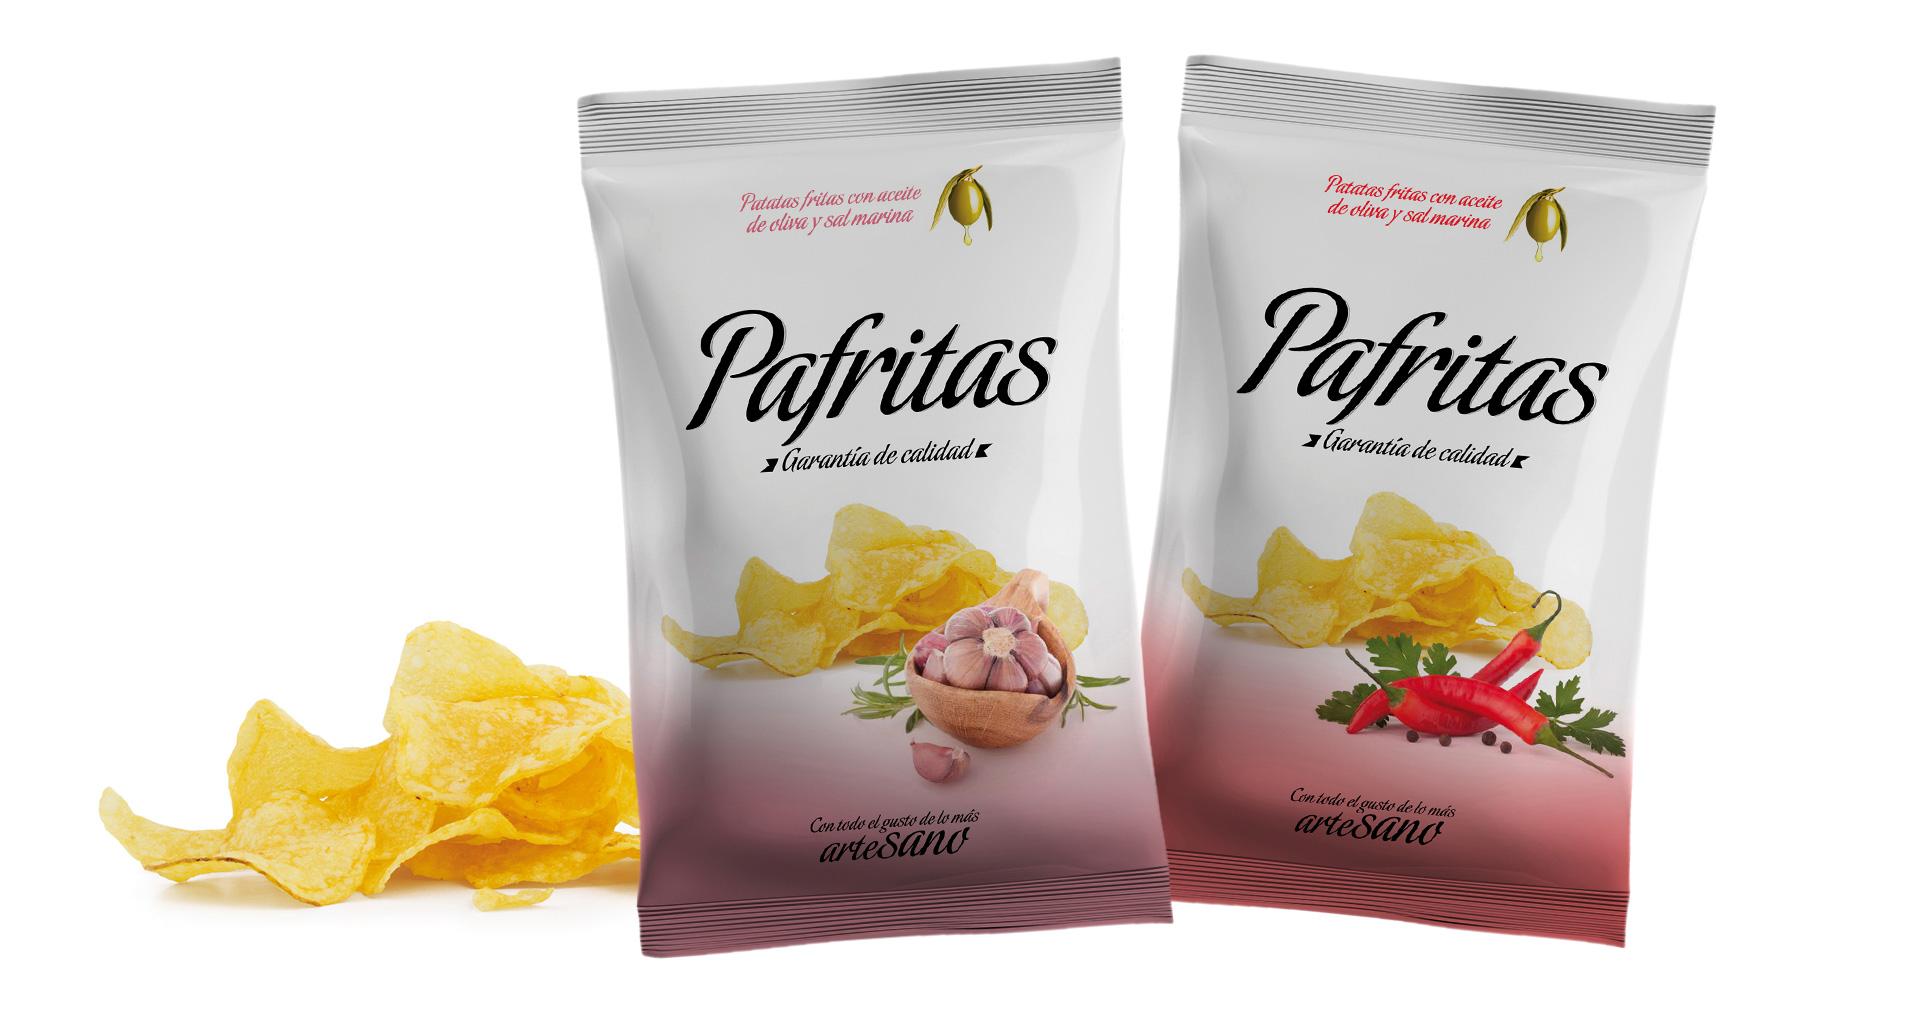 Pafritas_Patatas_Fritas_Sabores_Artesanas_Navarrete_La_Rioja